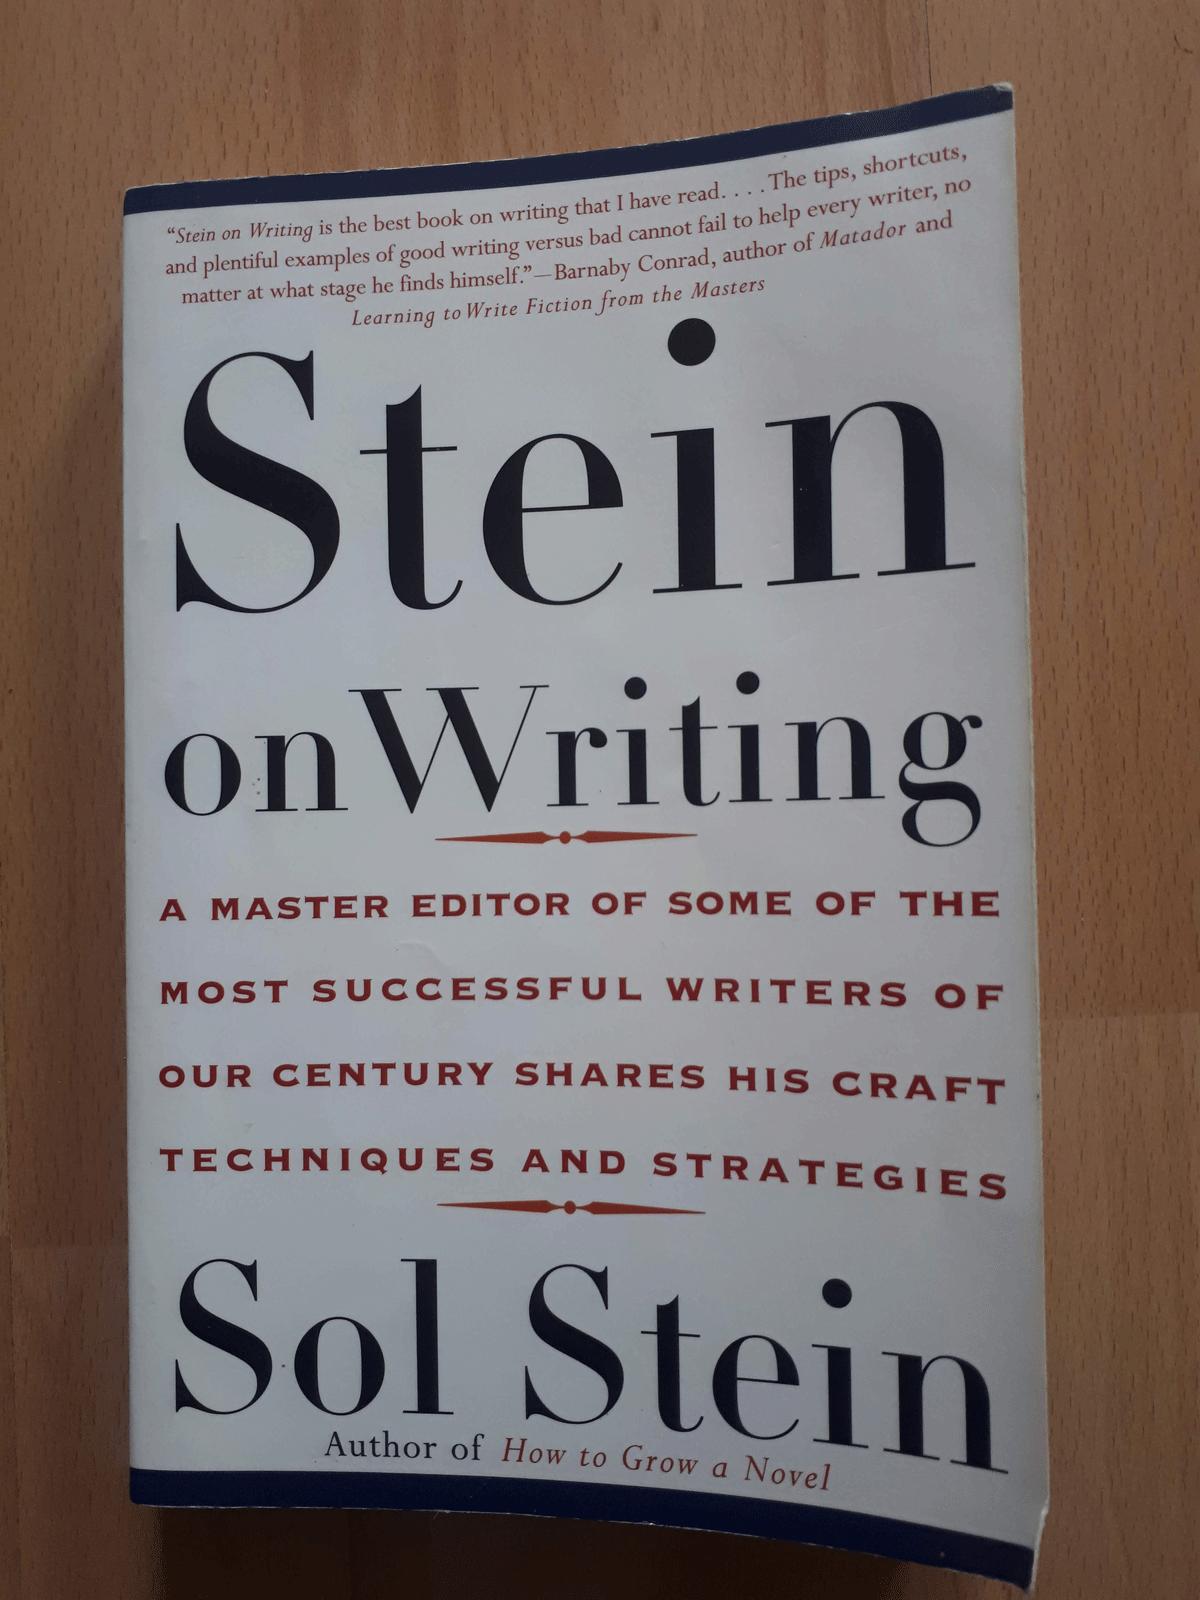 Sol Stein : La motivation dont vous avez besoin pour écrire un premier roman